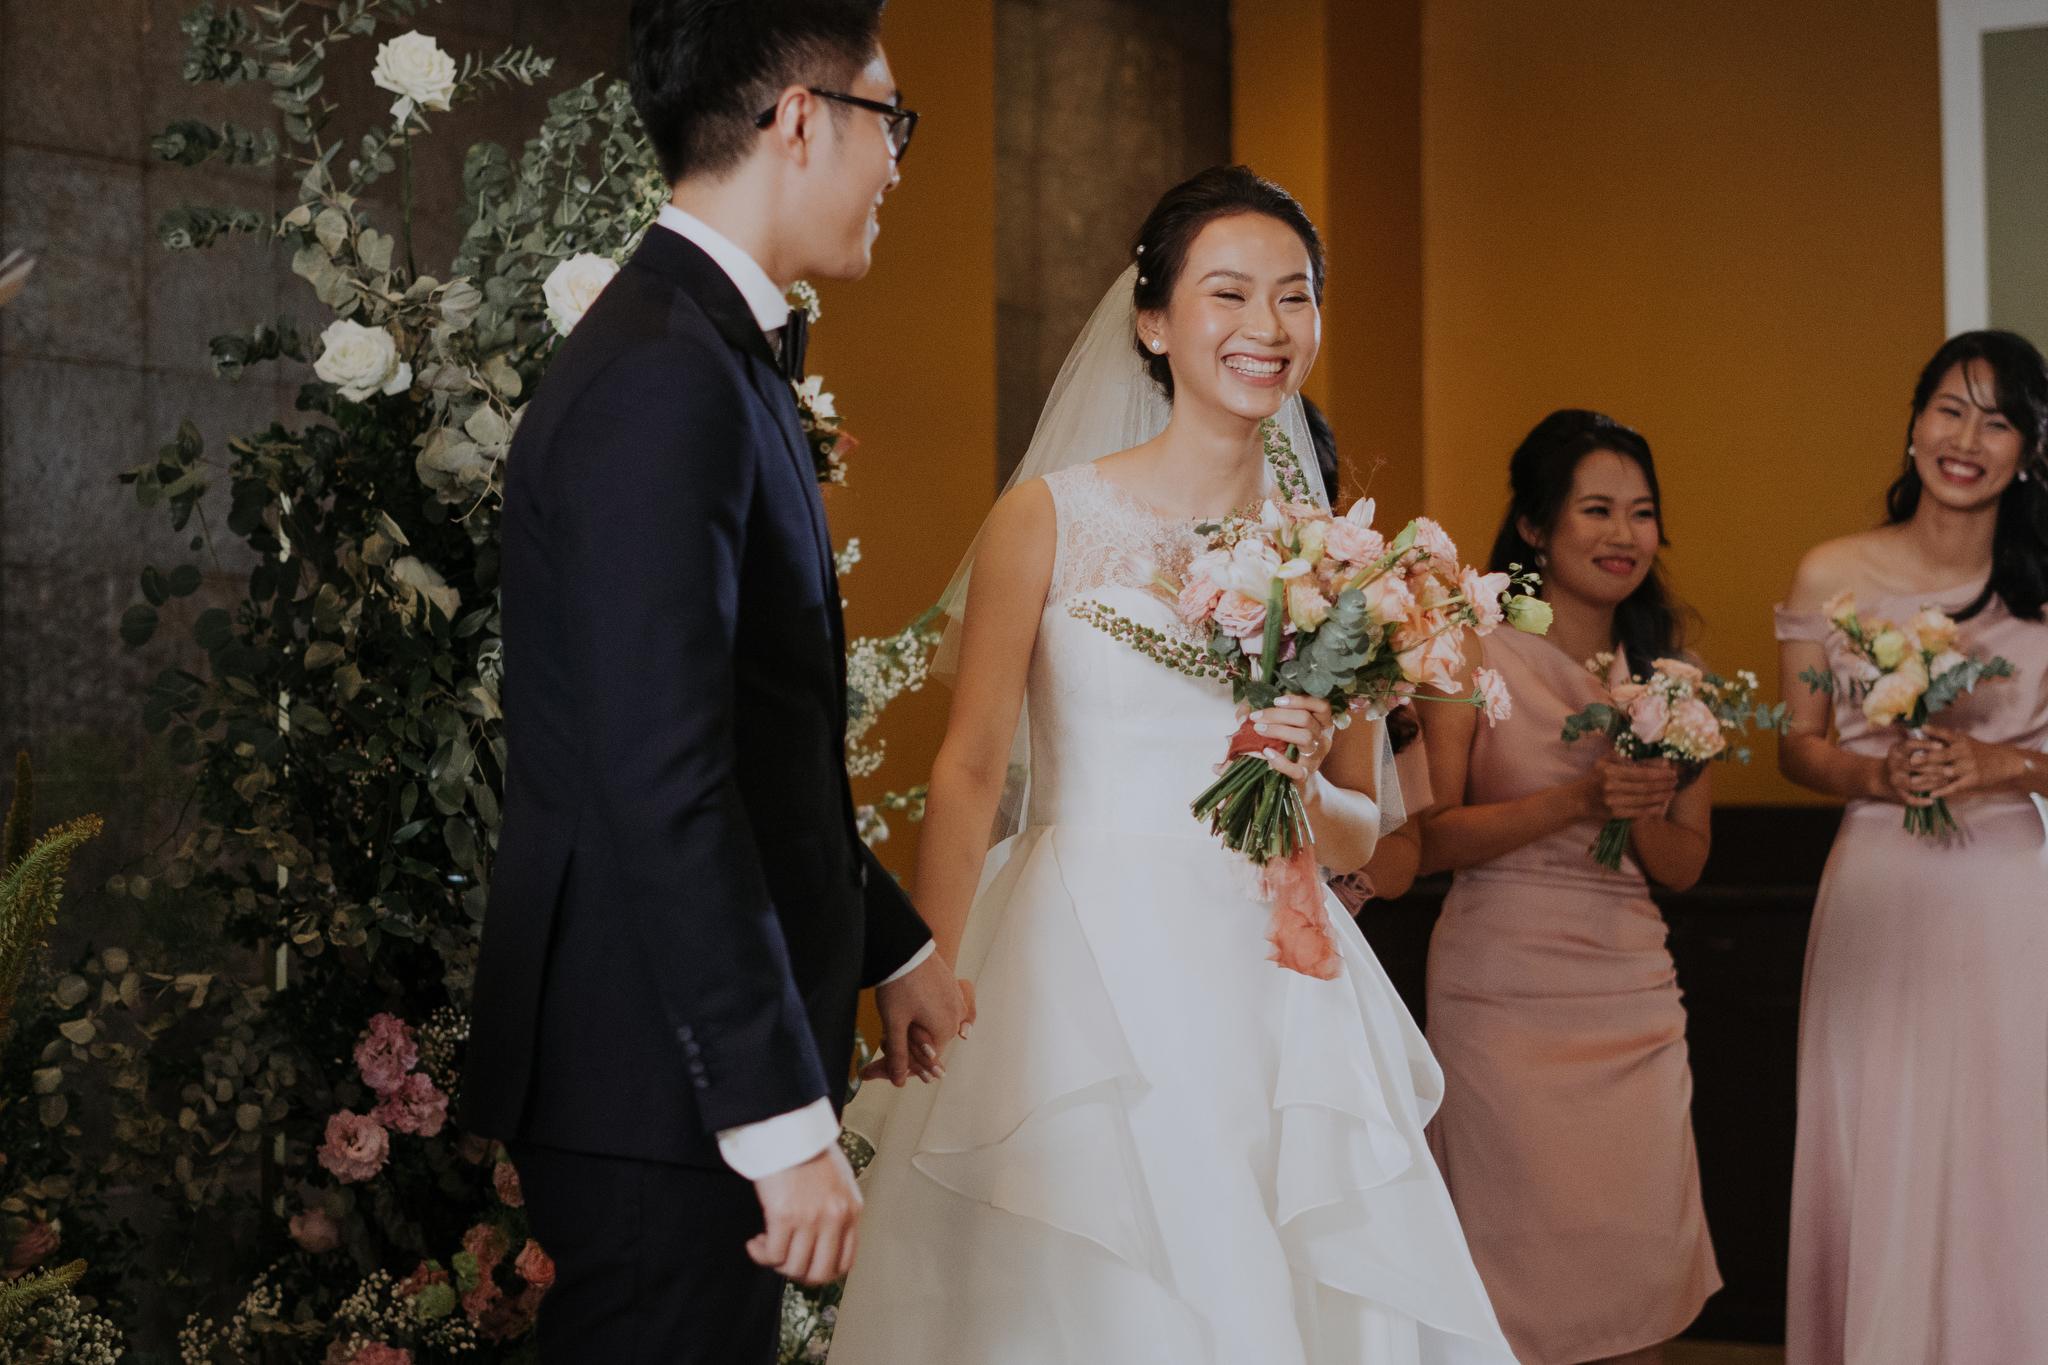 https://huk.s3.amazonaws.com/uploads/image/source/1411/Phuong-Diep-HN-Ceremony-1-0497.JPG